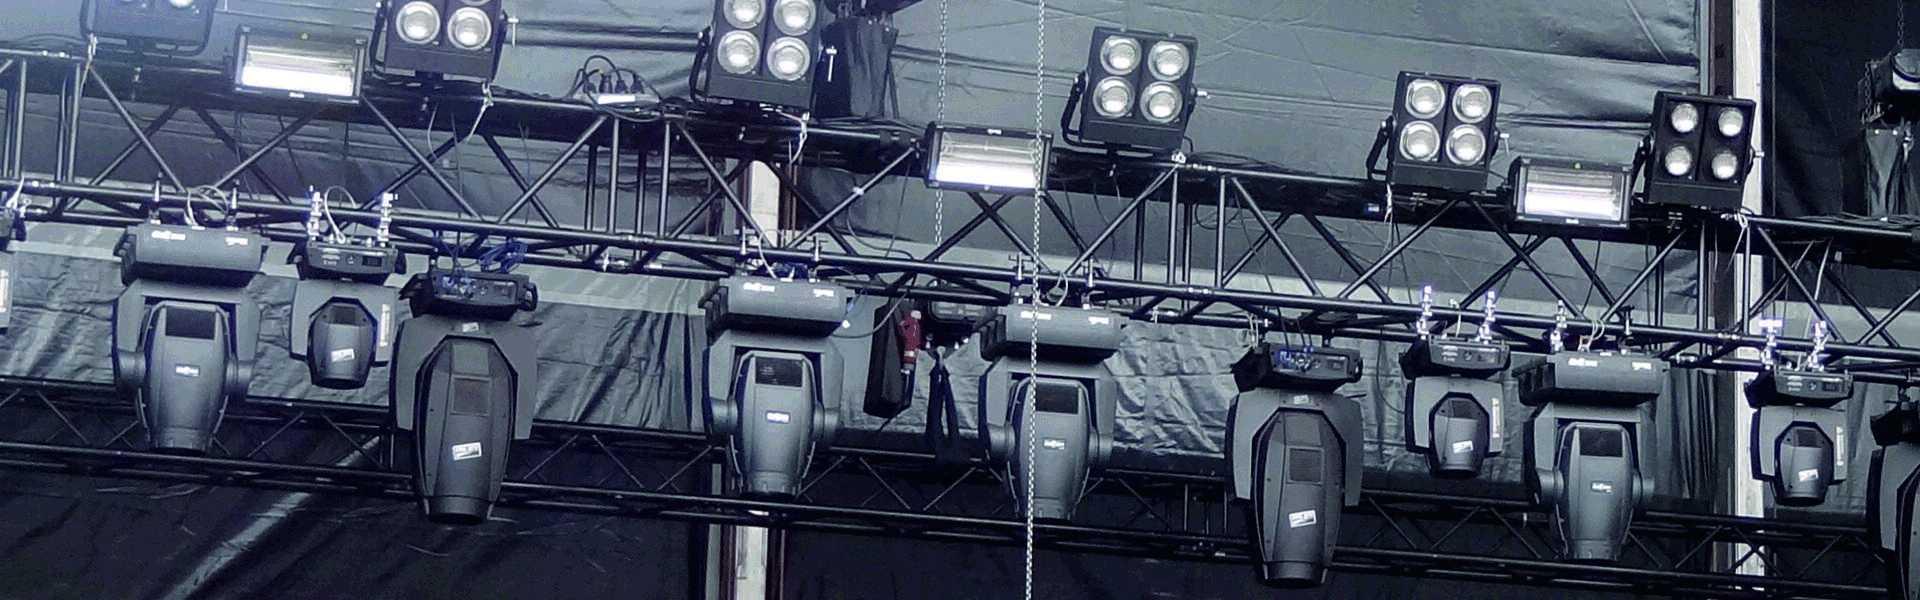 Tienda De Sonido Profesional Material Dj Iluminaci 243 N Y